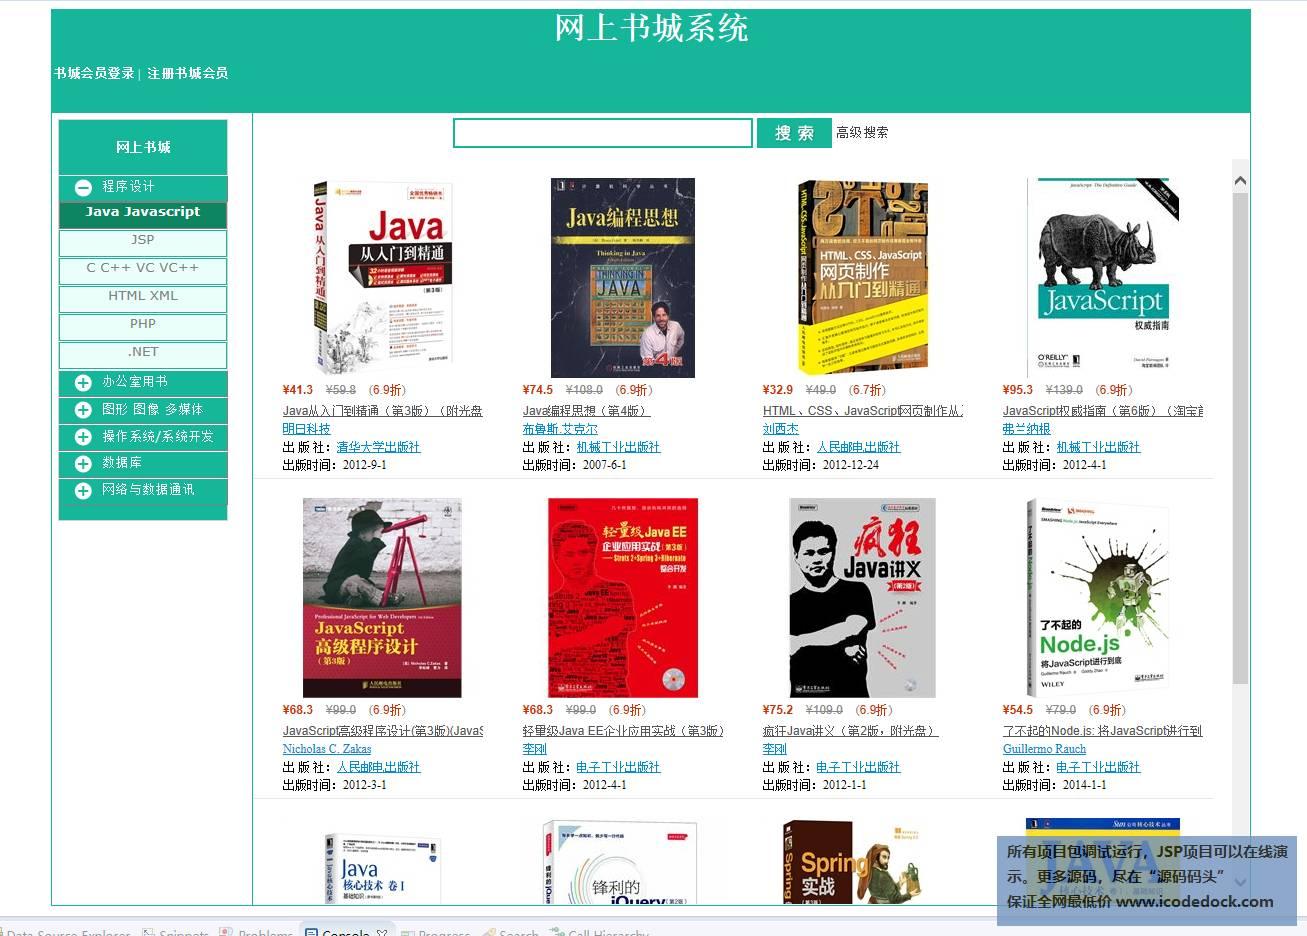 源码码头-JSP图书销售管理系统-用户角色-查看图书列表